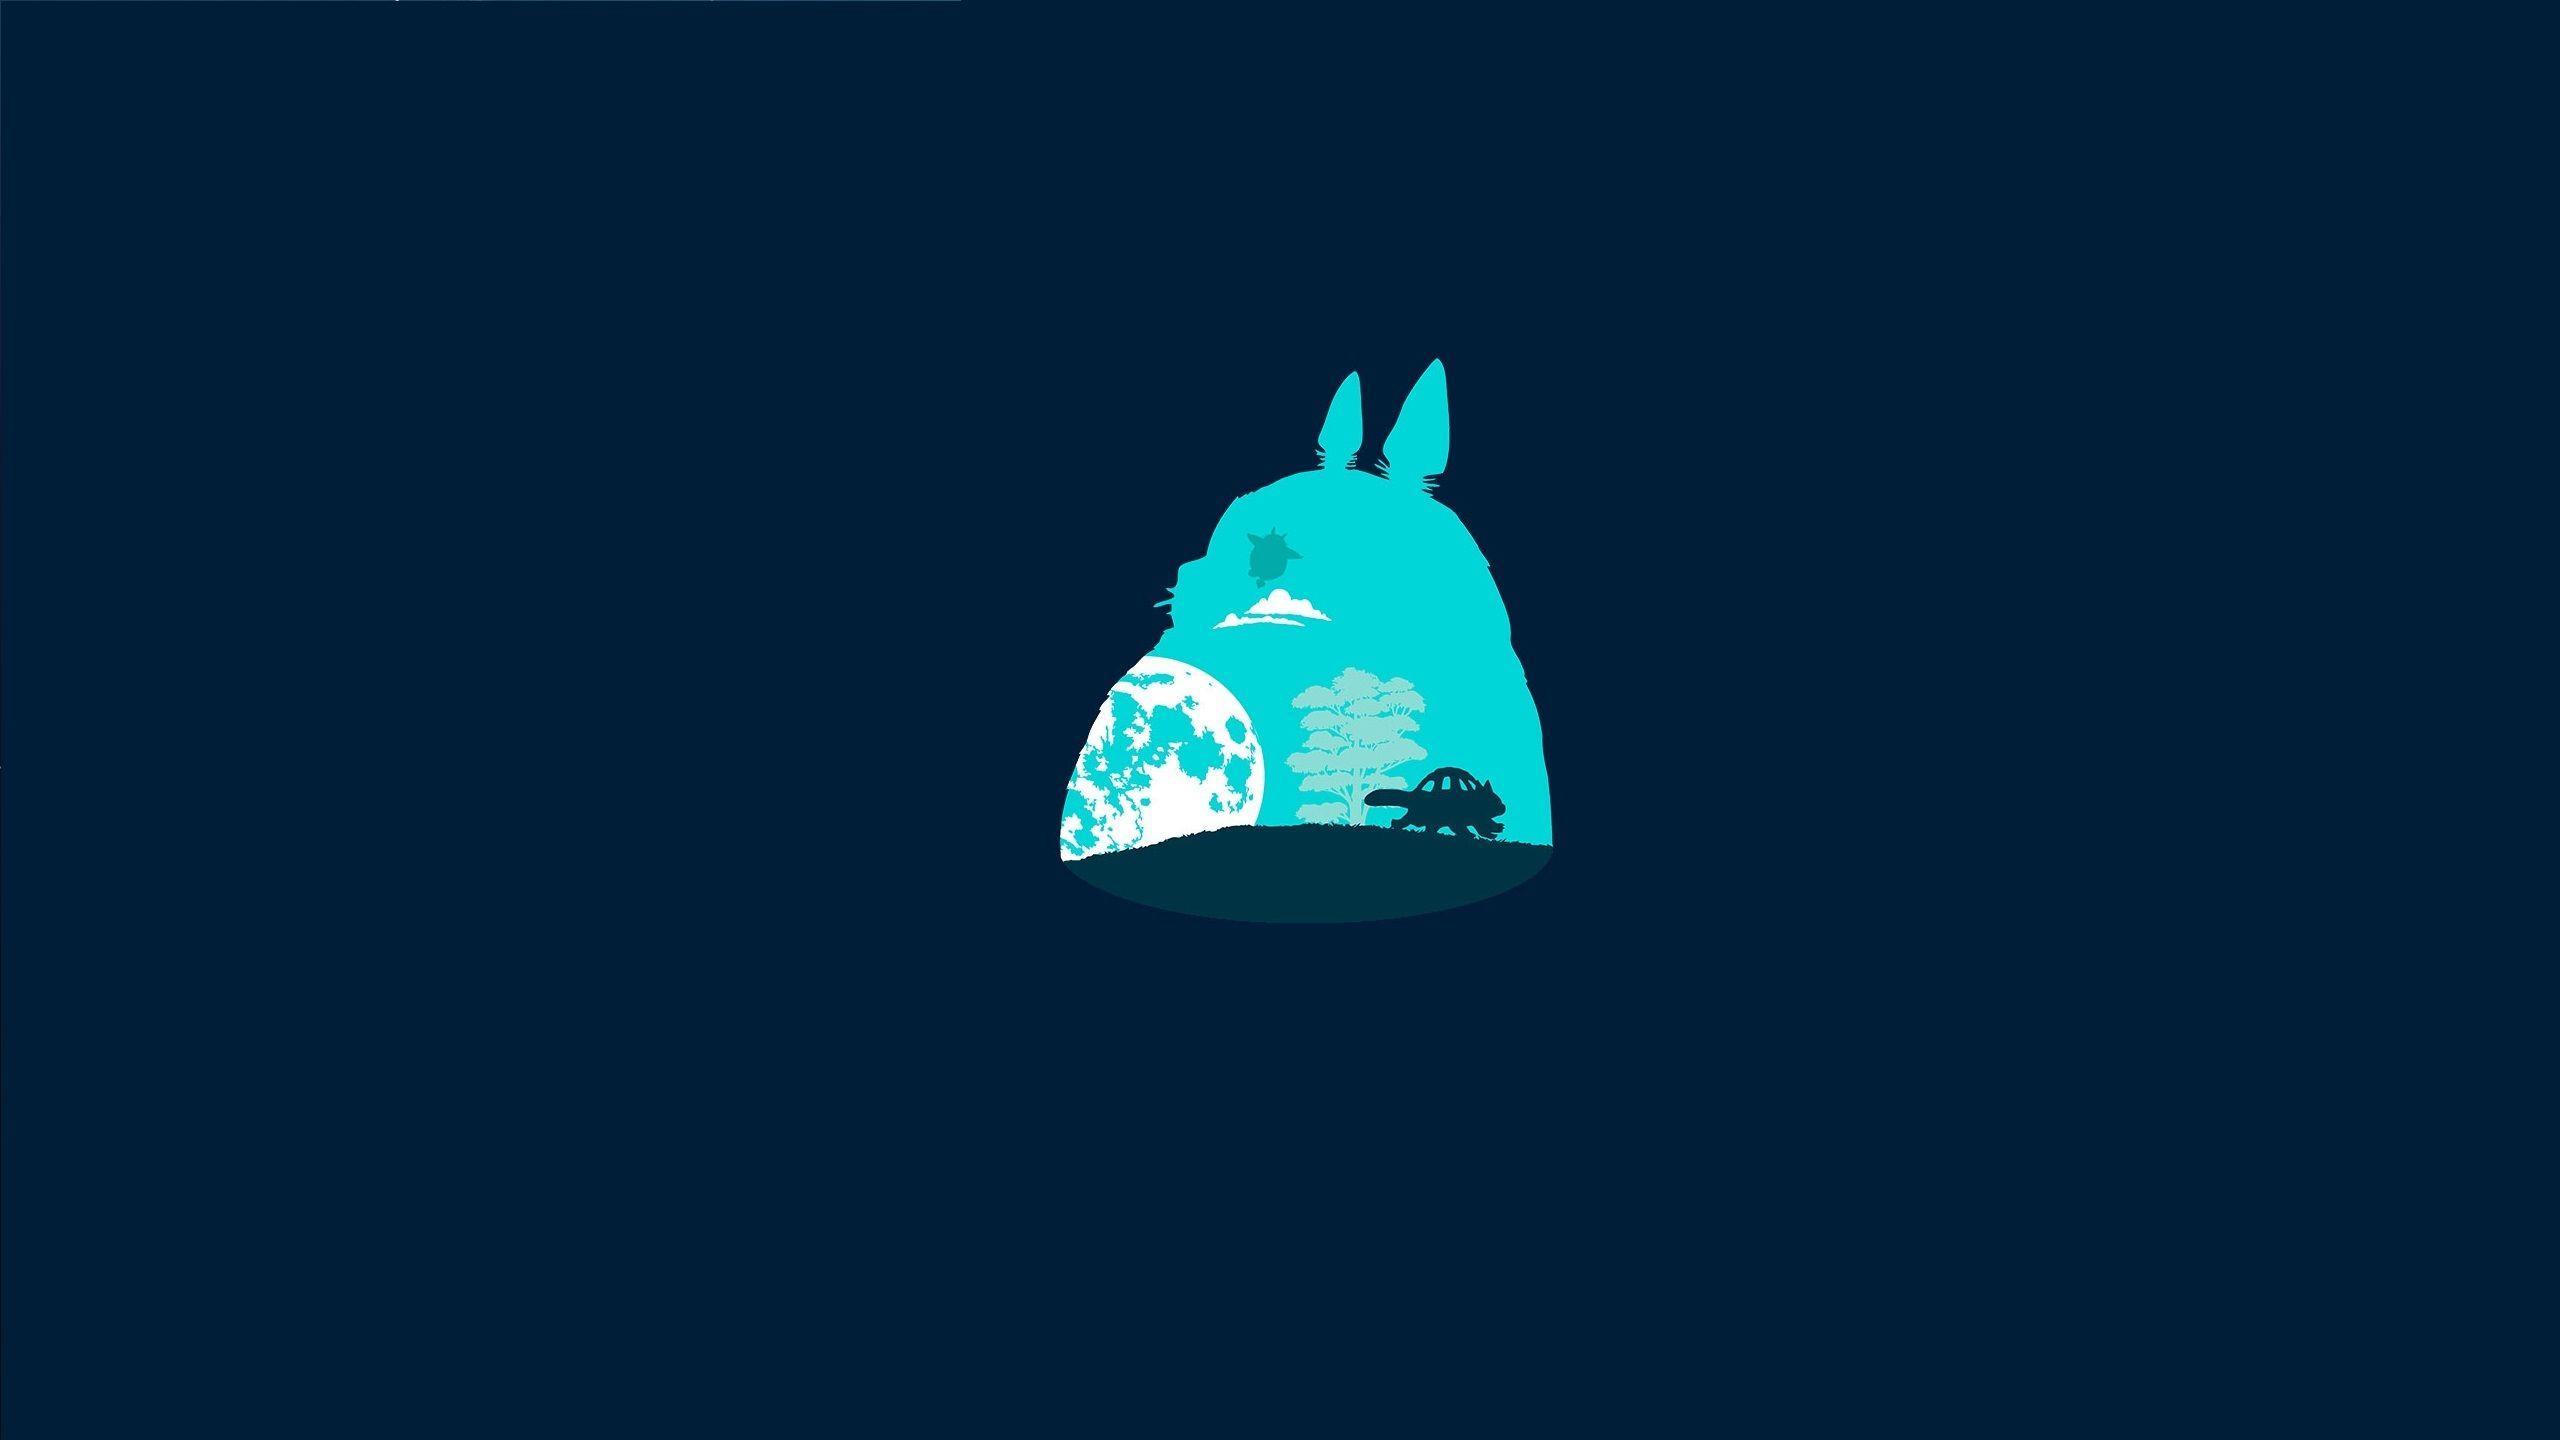 2560x1440 Ghibli hình nền